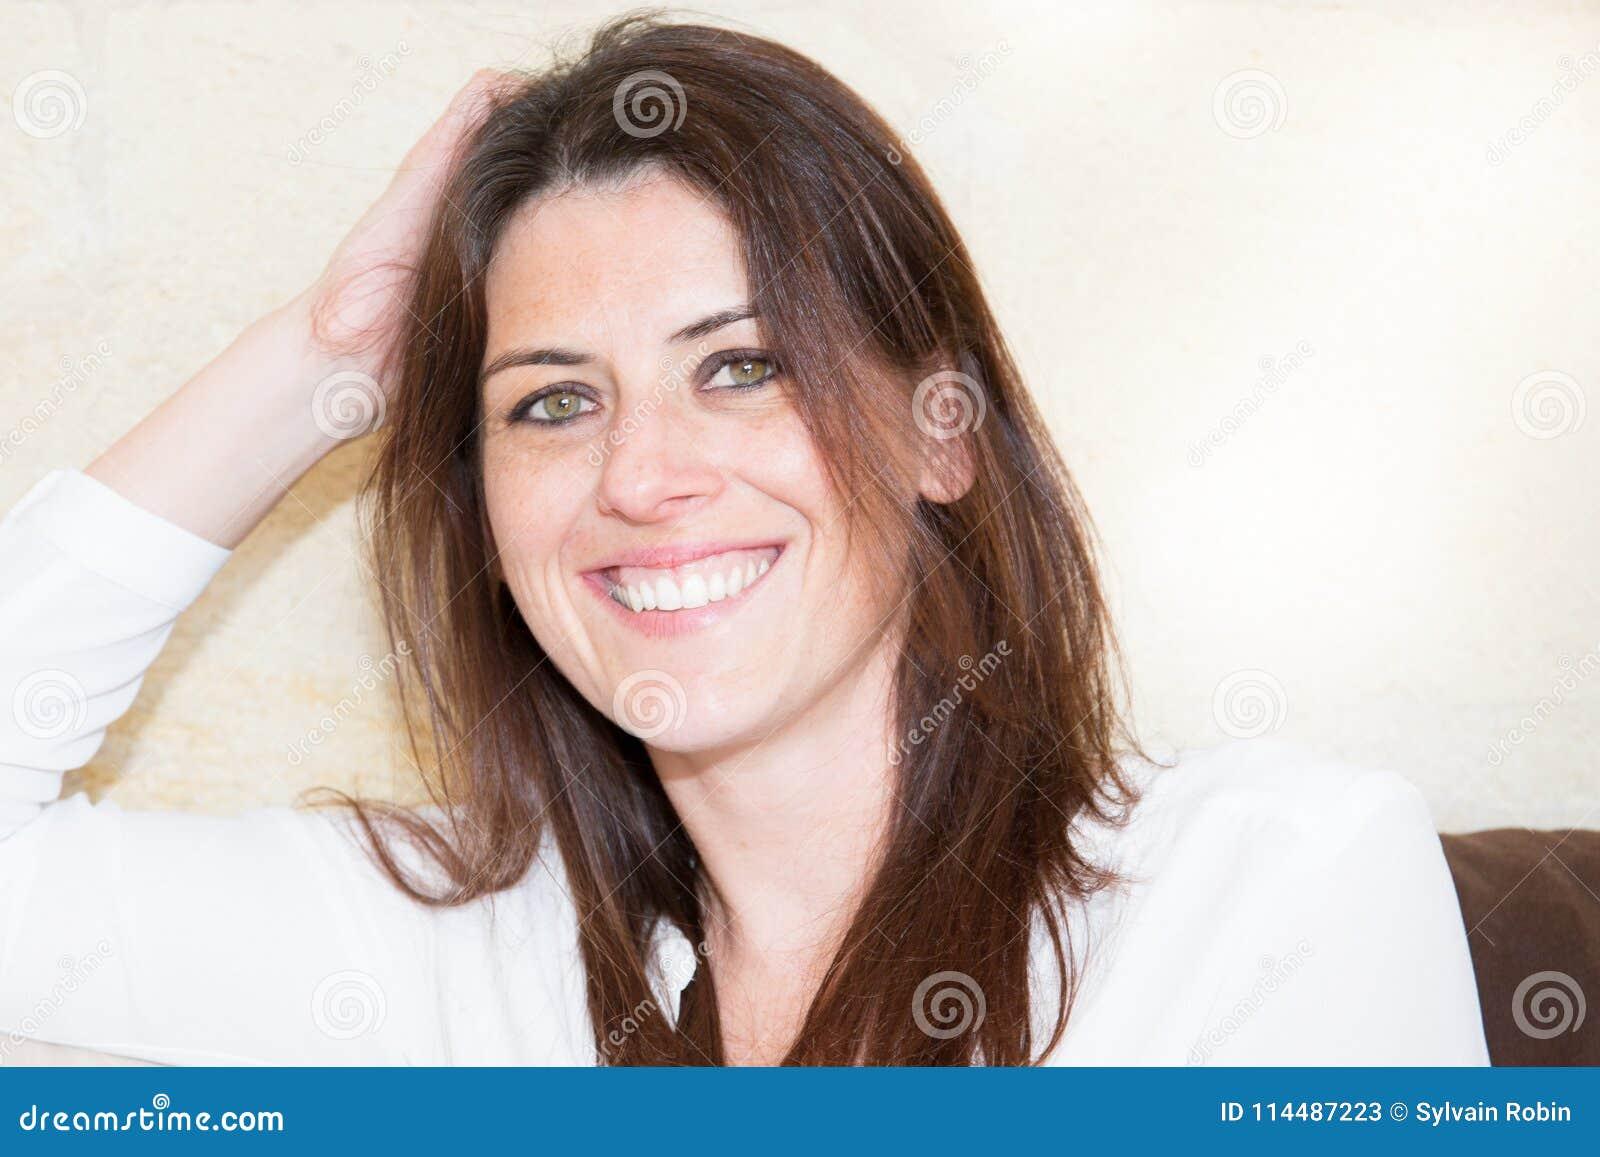 Zamyka w górę portreta młody szczęśliwy, piękny ekspresyjny 30 kobiet ono uśmiecha się i